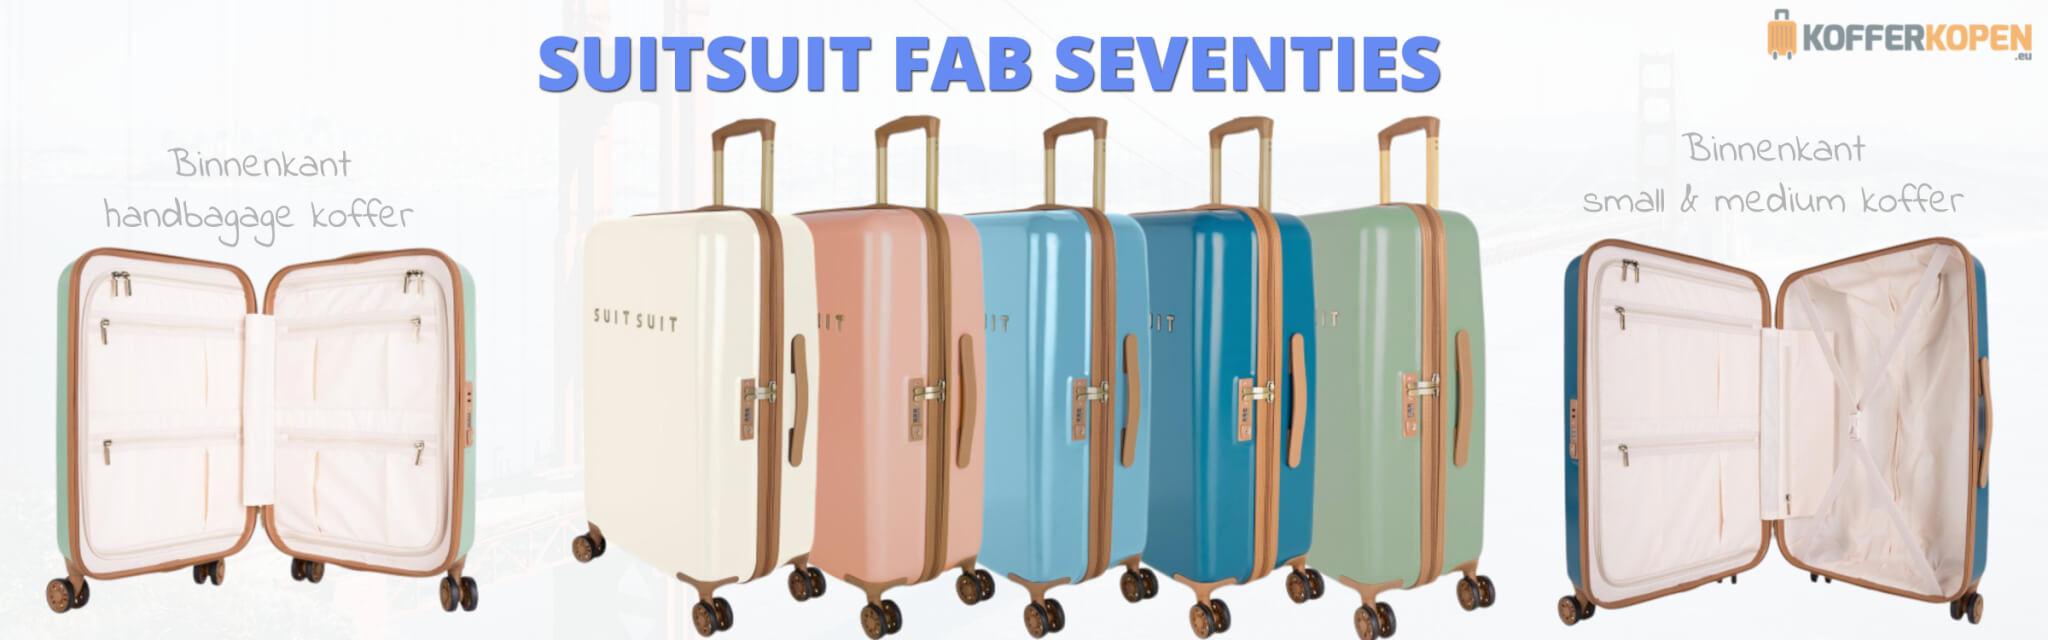 suitsuit fab seventies koffers kleuren binnenkant